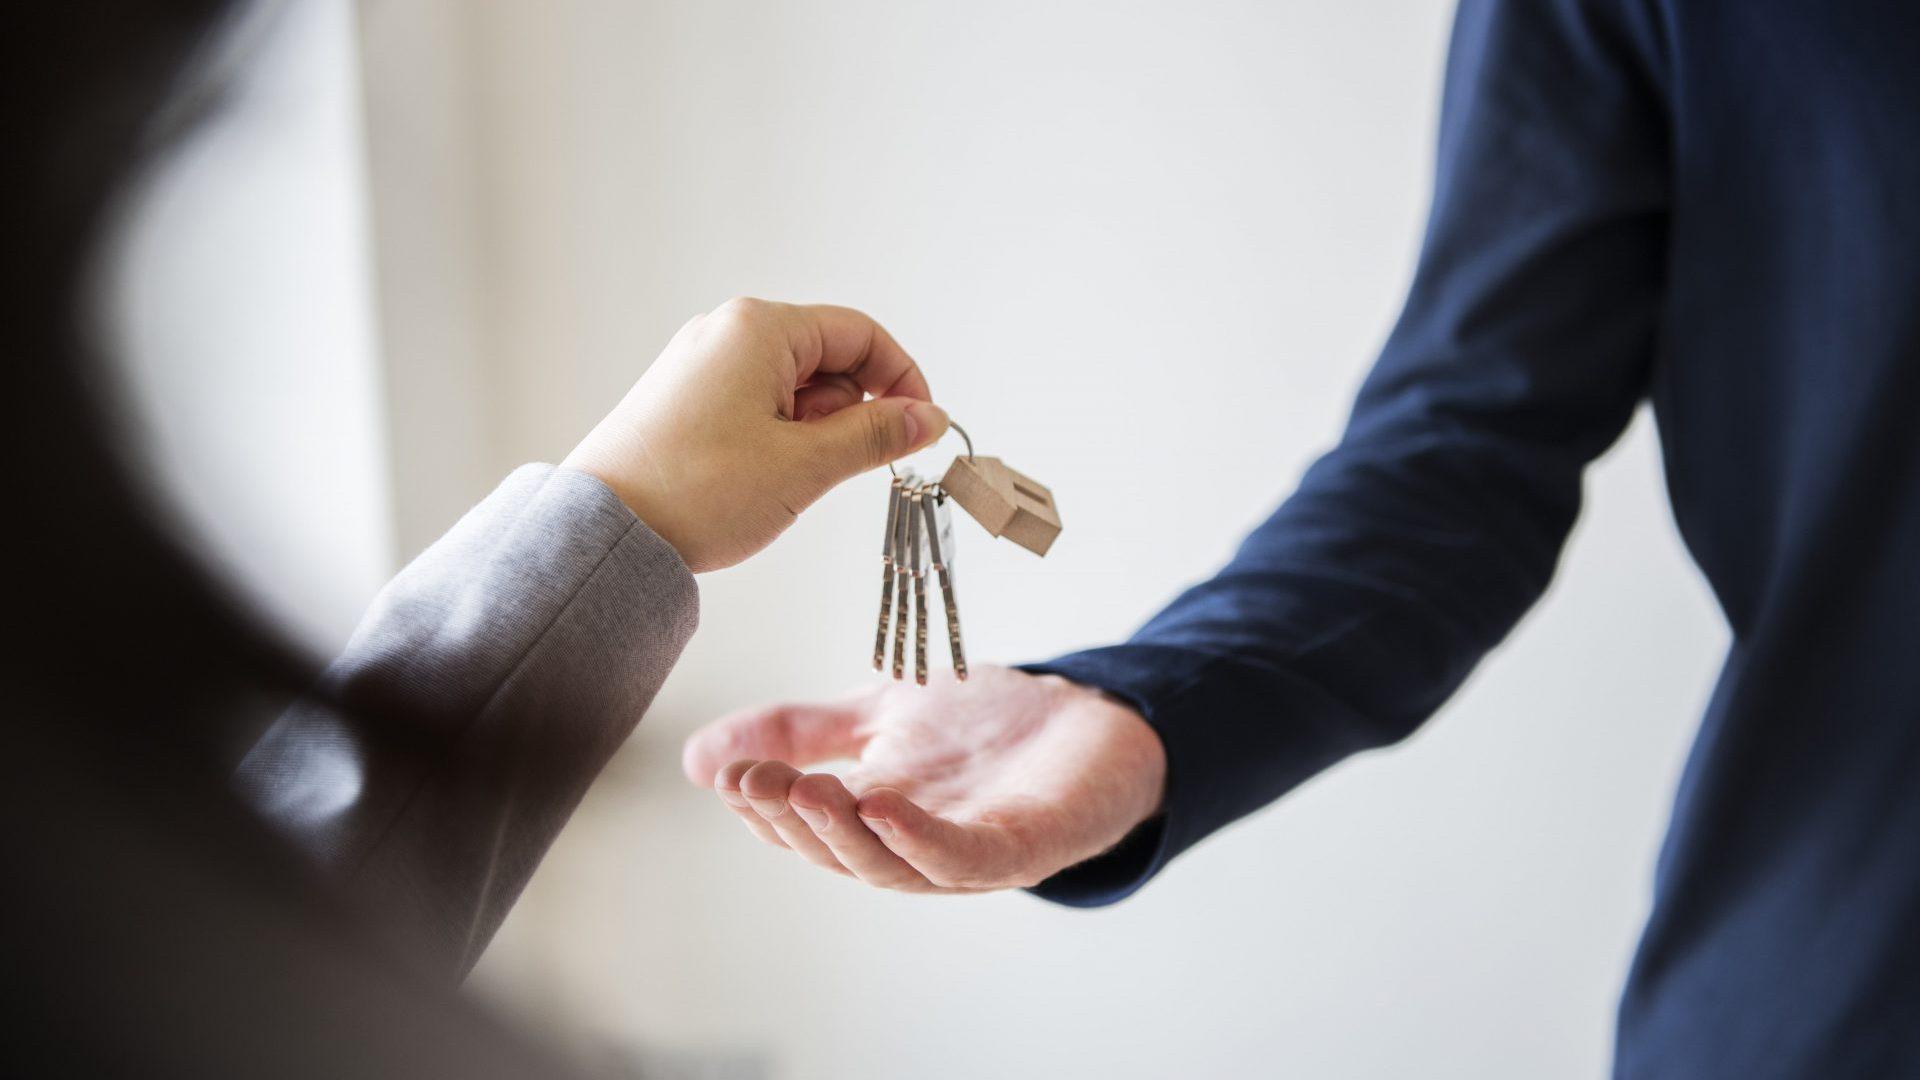 Выбор оптимального варианта для покупка недвижимости